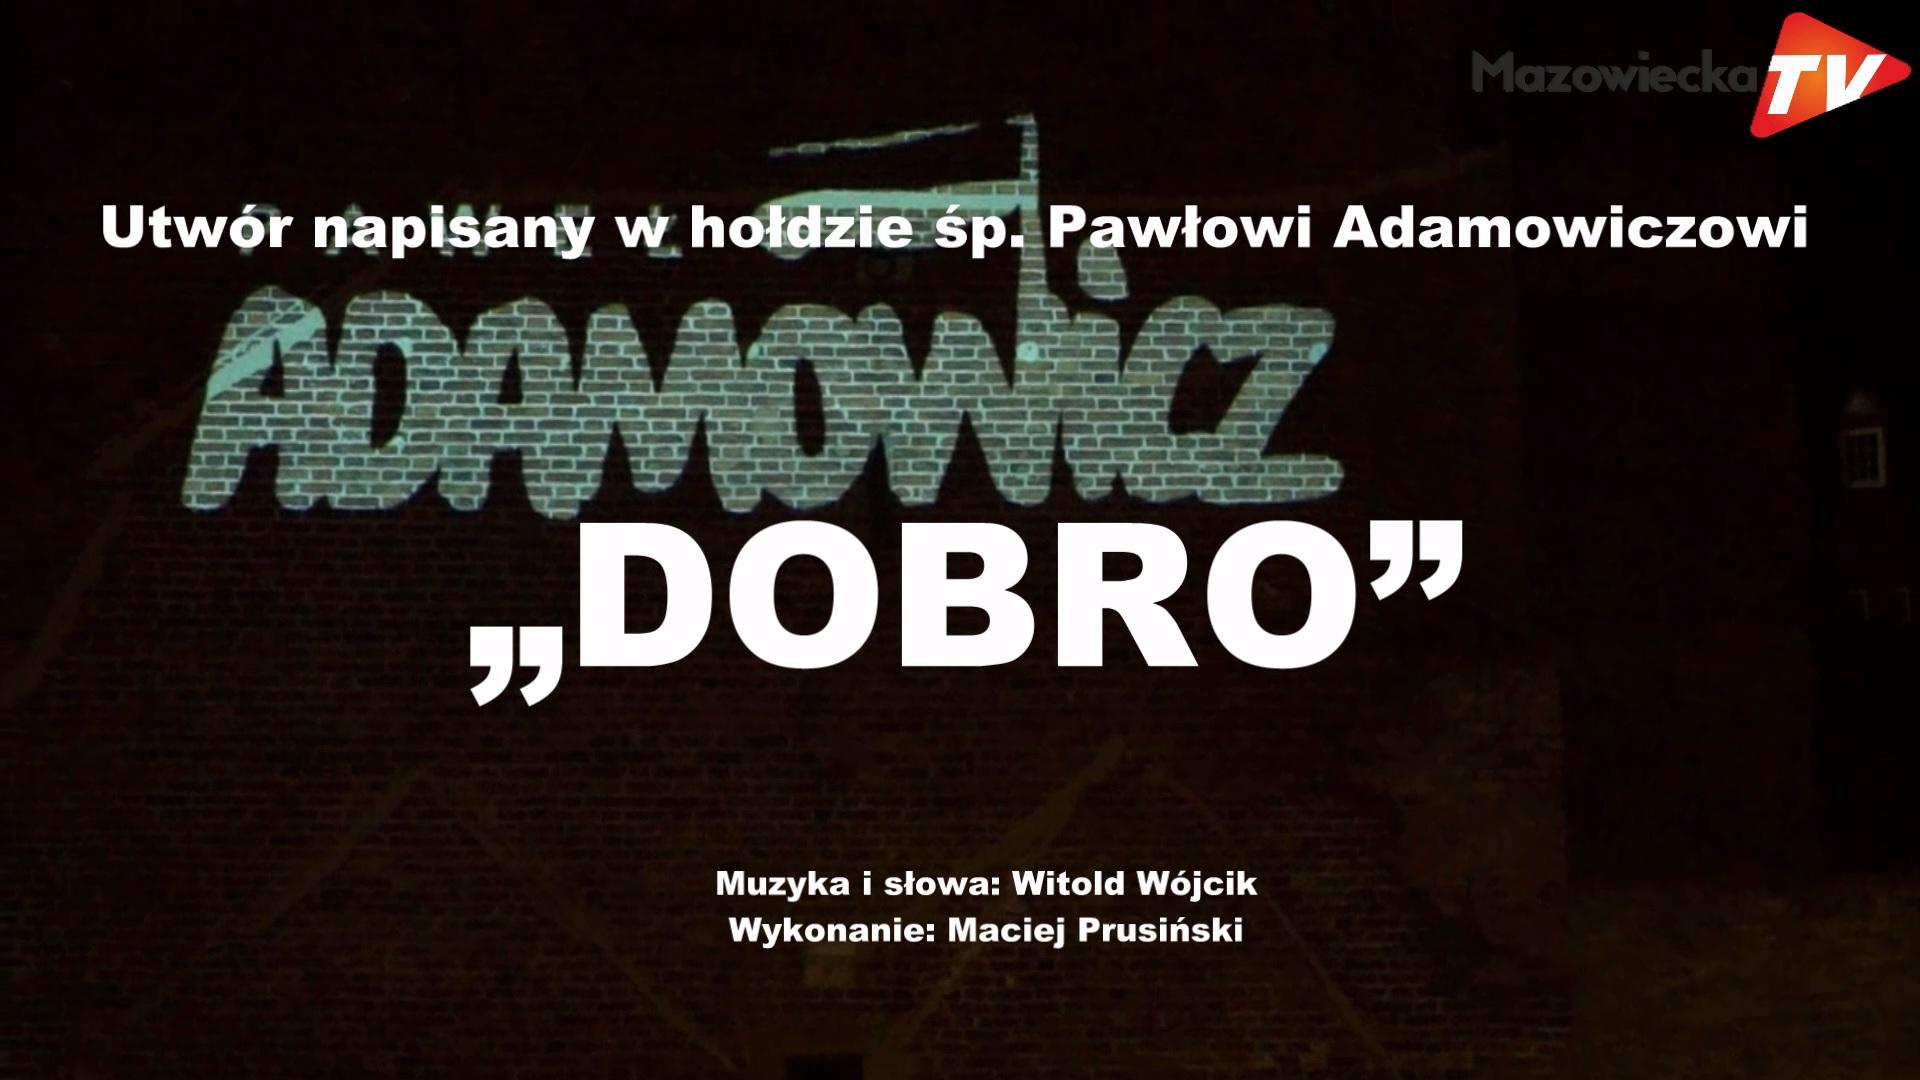 """Utwór pt. """"Dobro"""" napisany w hołdzie śp. Pawłowi Adamowiczowi"""